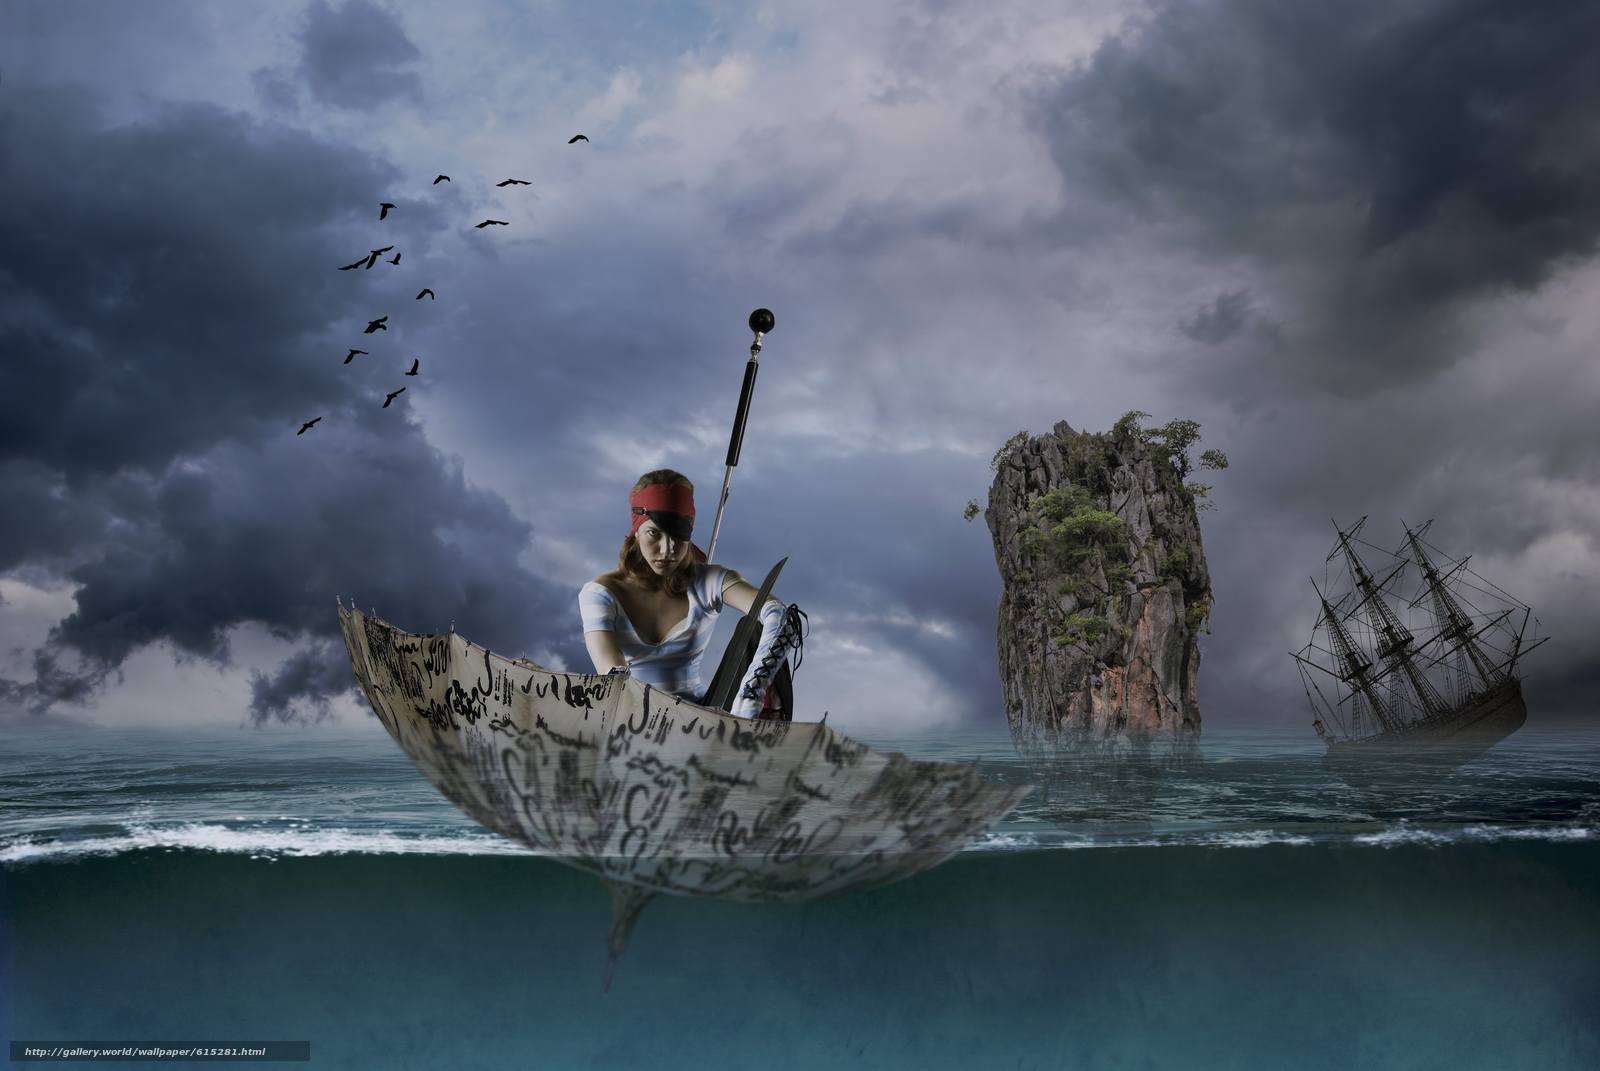 Скачать обои девушка,  пират,  зонтик,  зонт бесплатно для рабочего стола в разрешении 3872x2592 — картинка №615281